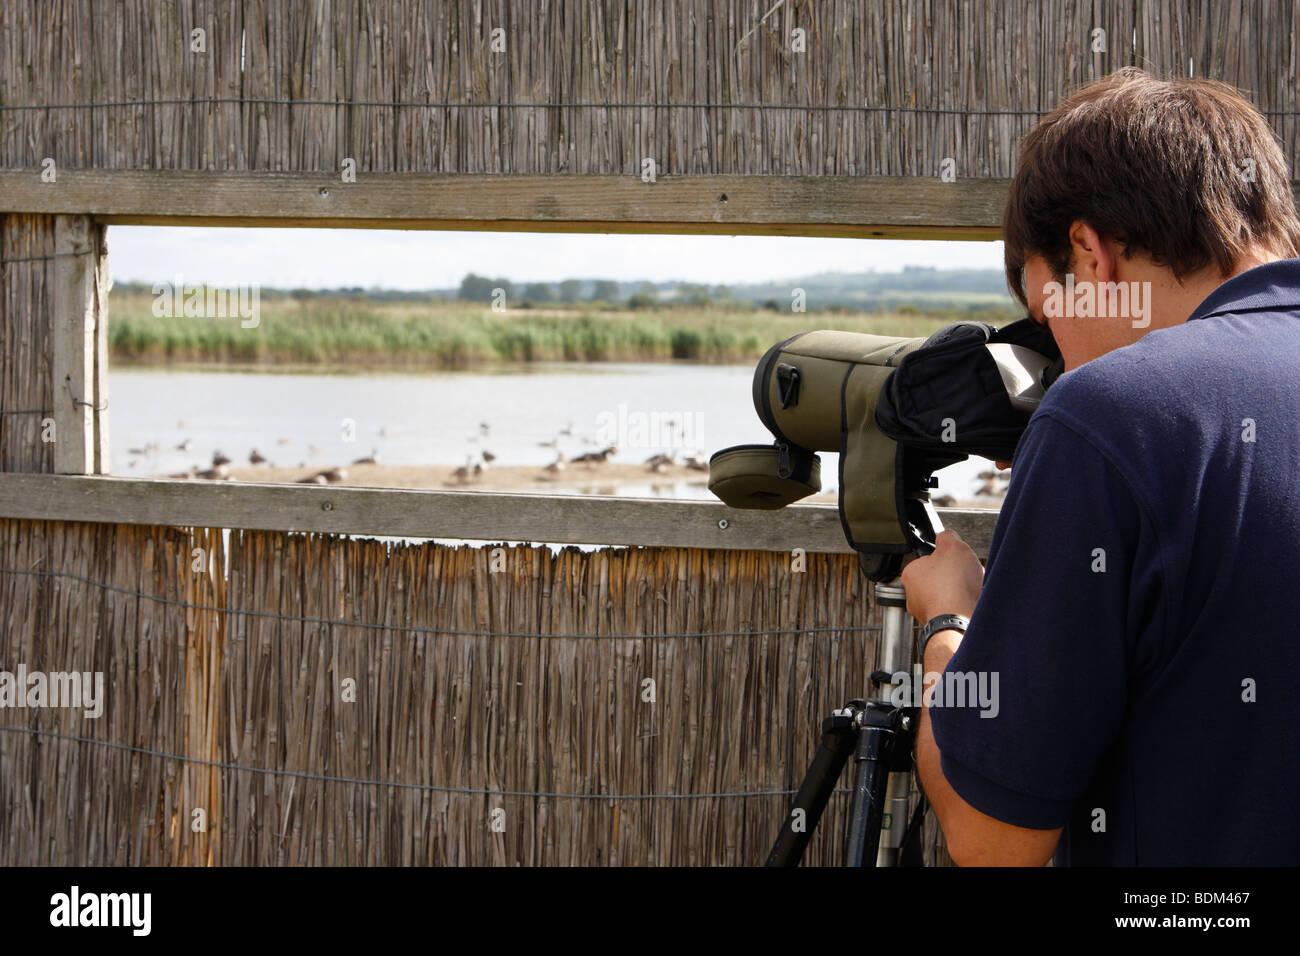 """RSPB-Chefin, die Vögel zu beobachten, durch Teleskop aus """"Bird Hide"""", Otmoor Nature Reserve, Oxfordshire, Stockbild"""